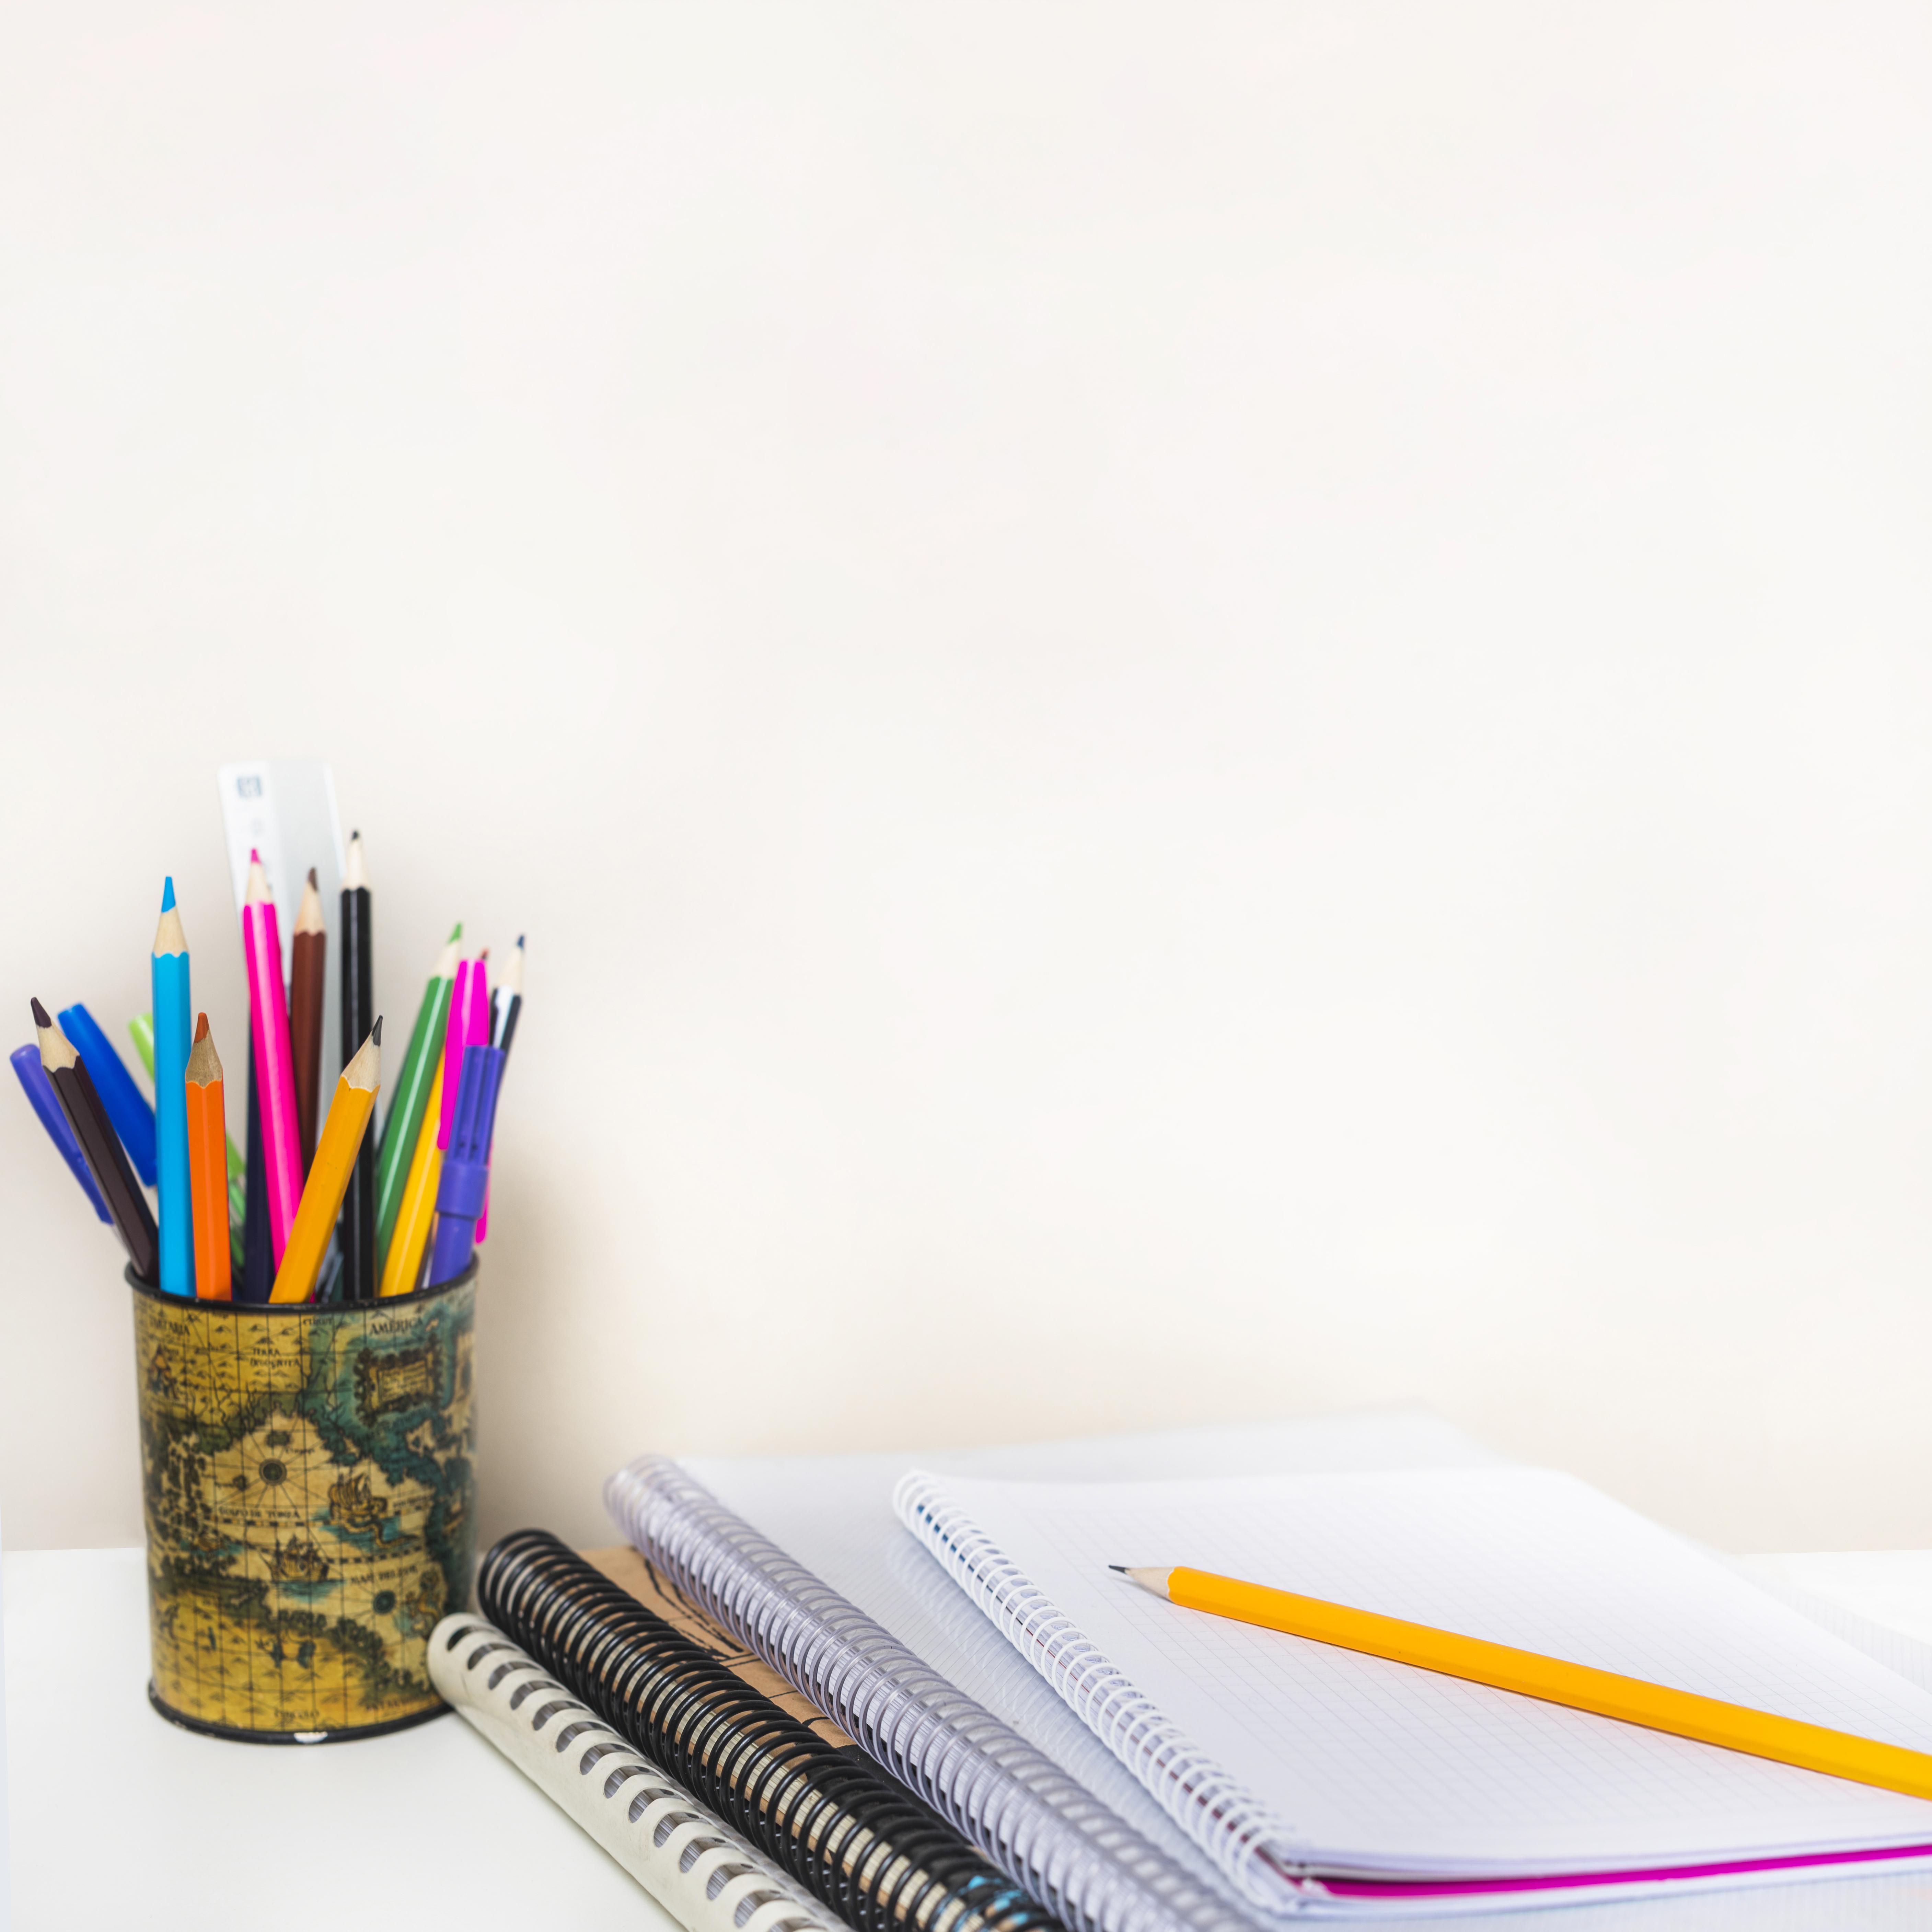 Aparecida promove melhorias em escolas municipais mesmo com aulas remotas